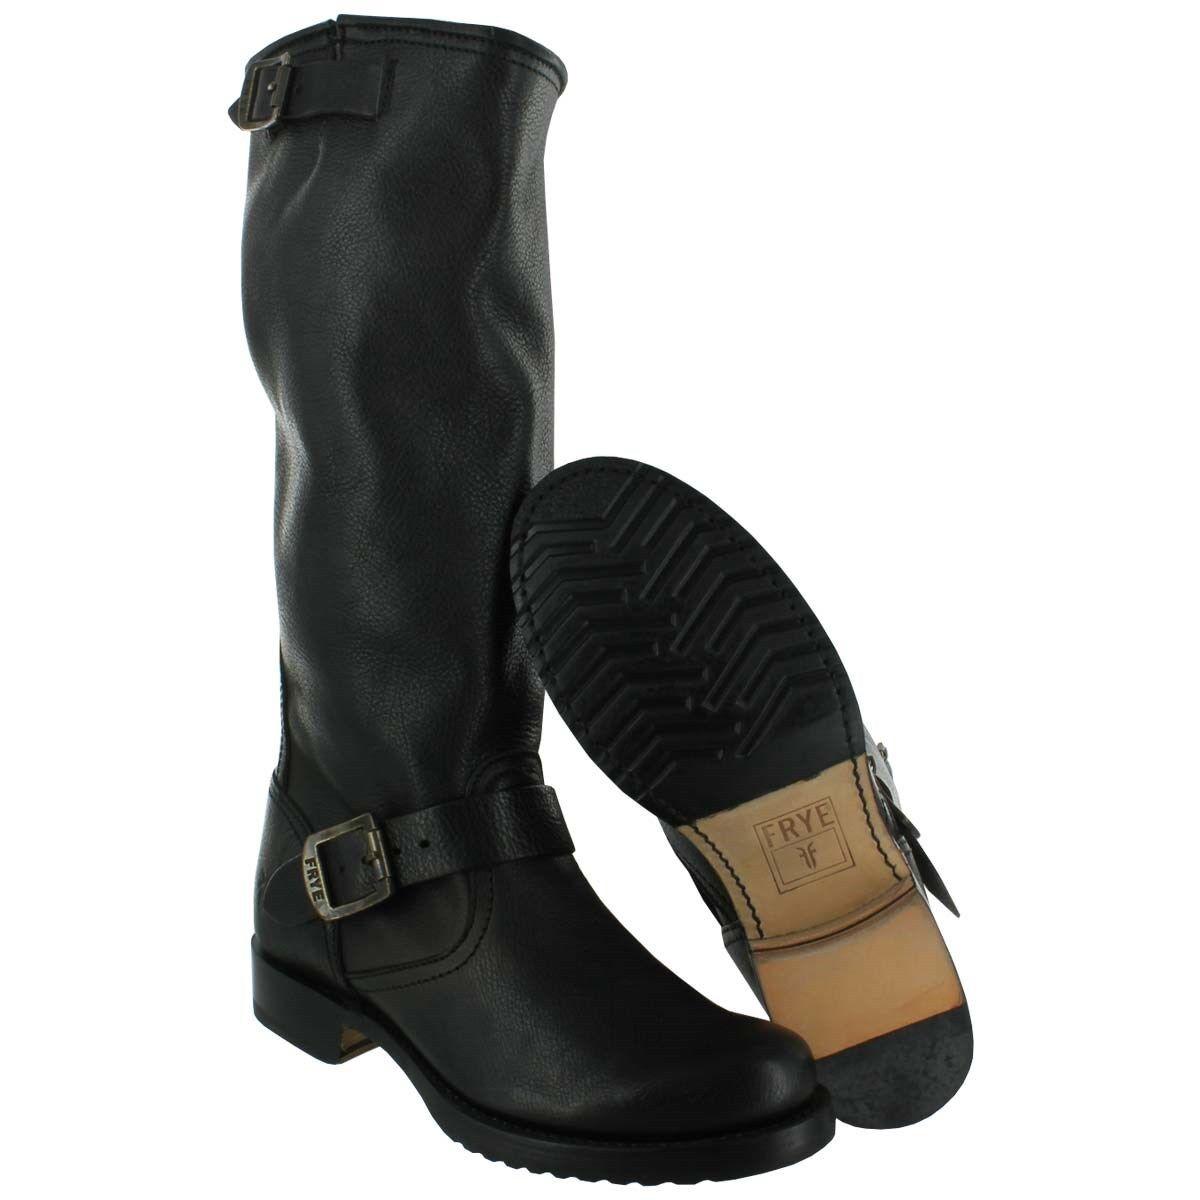 Para mujer mujer mujer botas Frye Veronica Slouch Negro 77605 Negro  tiendas minoristas